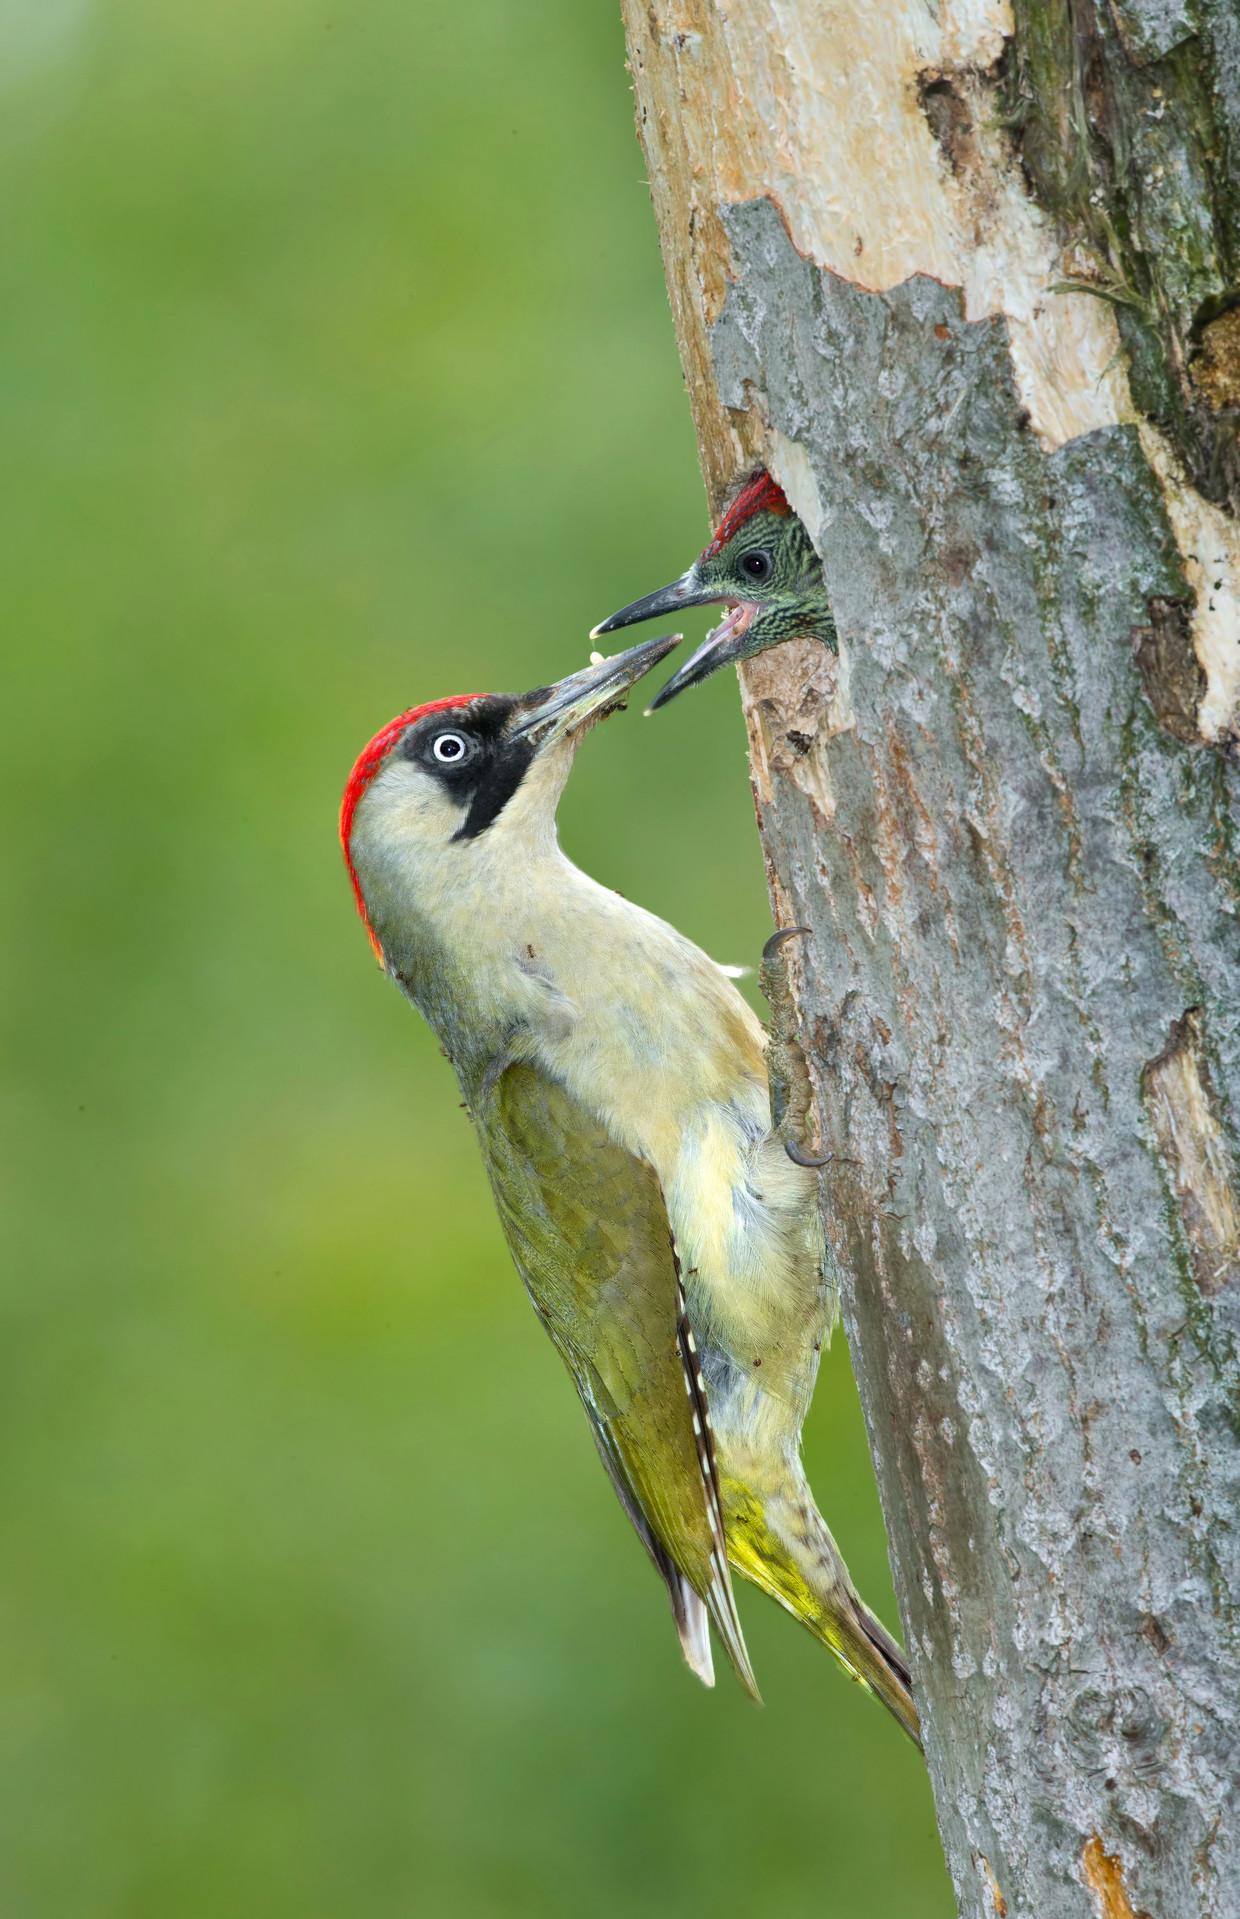 De groene specht is een van de broedvogels in zowel het Flevopark als het Diemerpark.